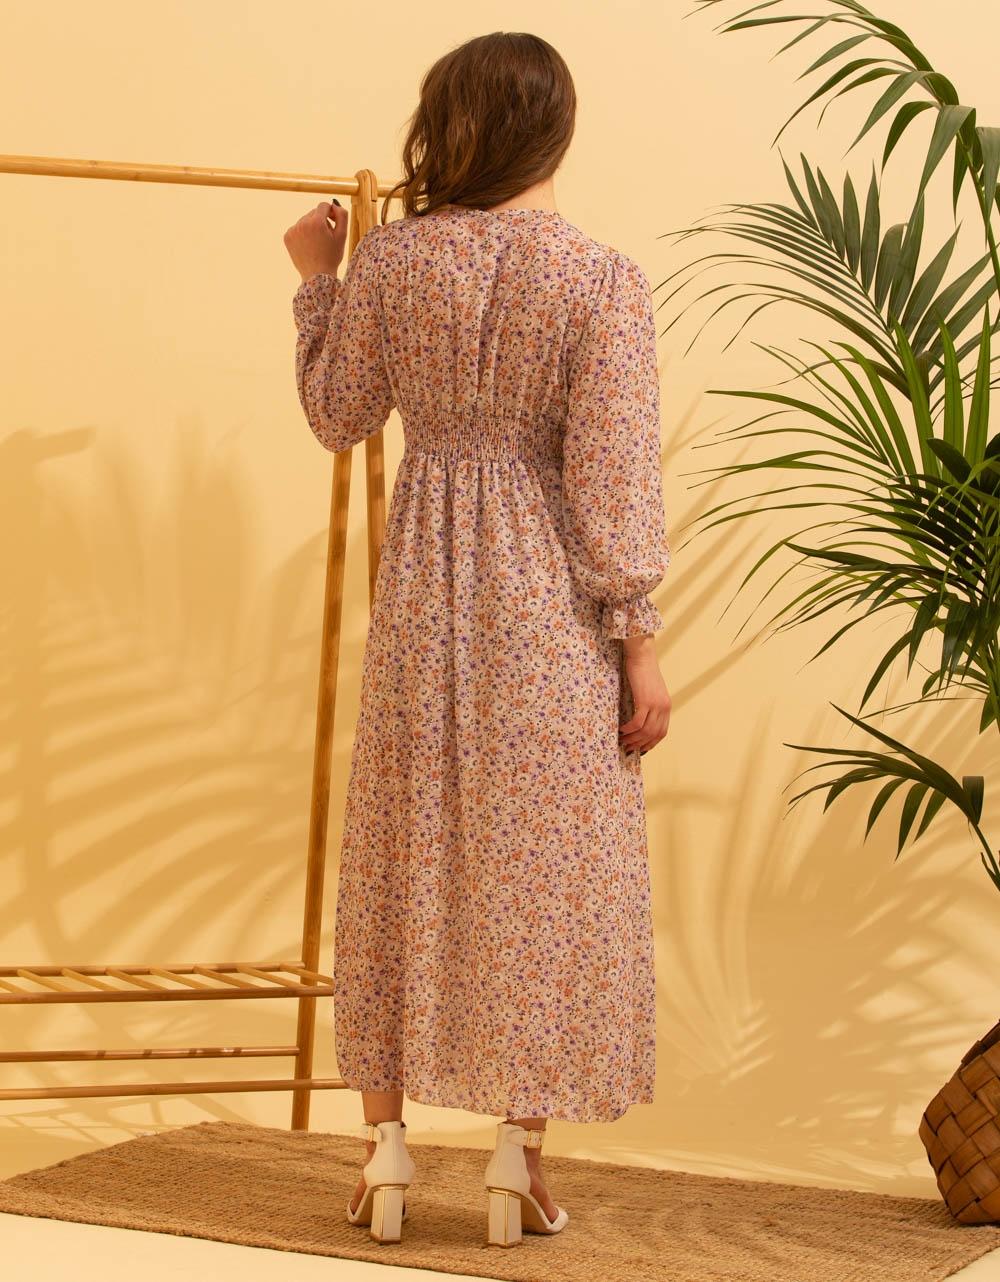 Εικόνα από Γυναικείο φόρεμα floral με άνοιγμα στο πλάι Μπεζ